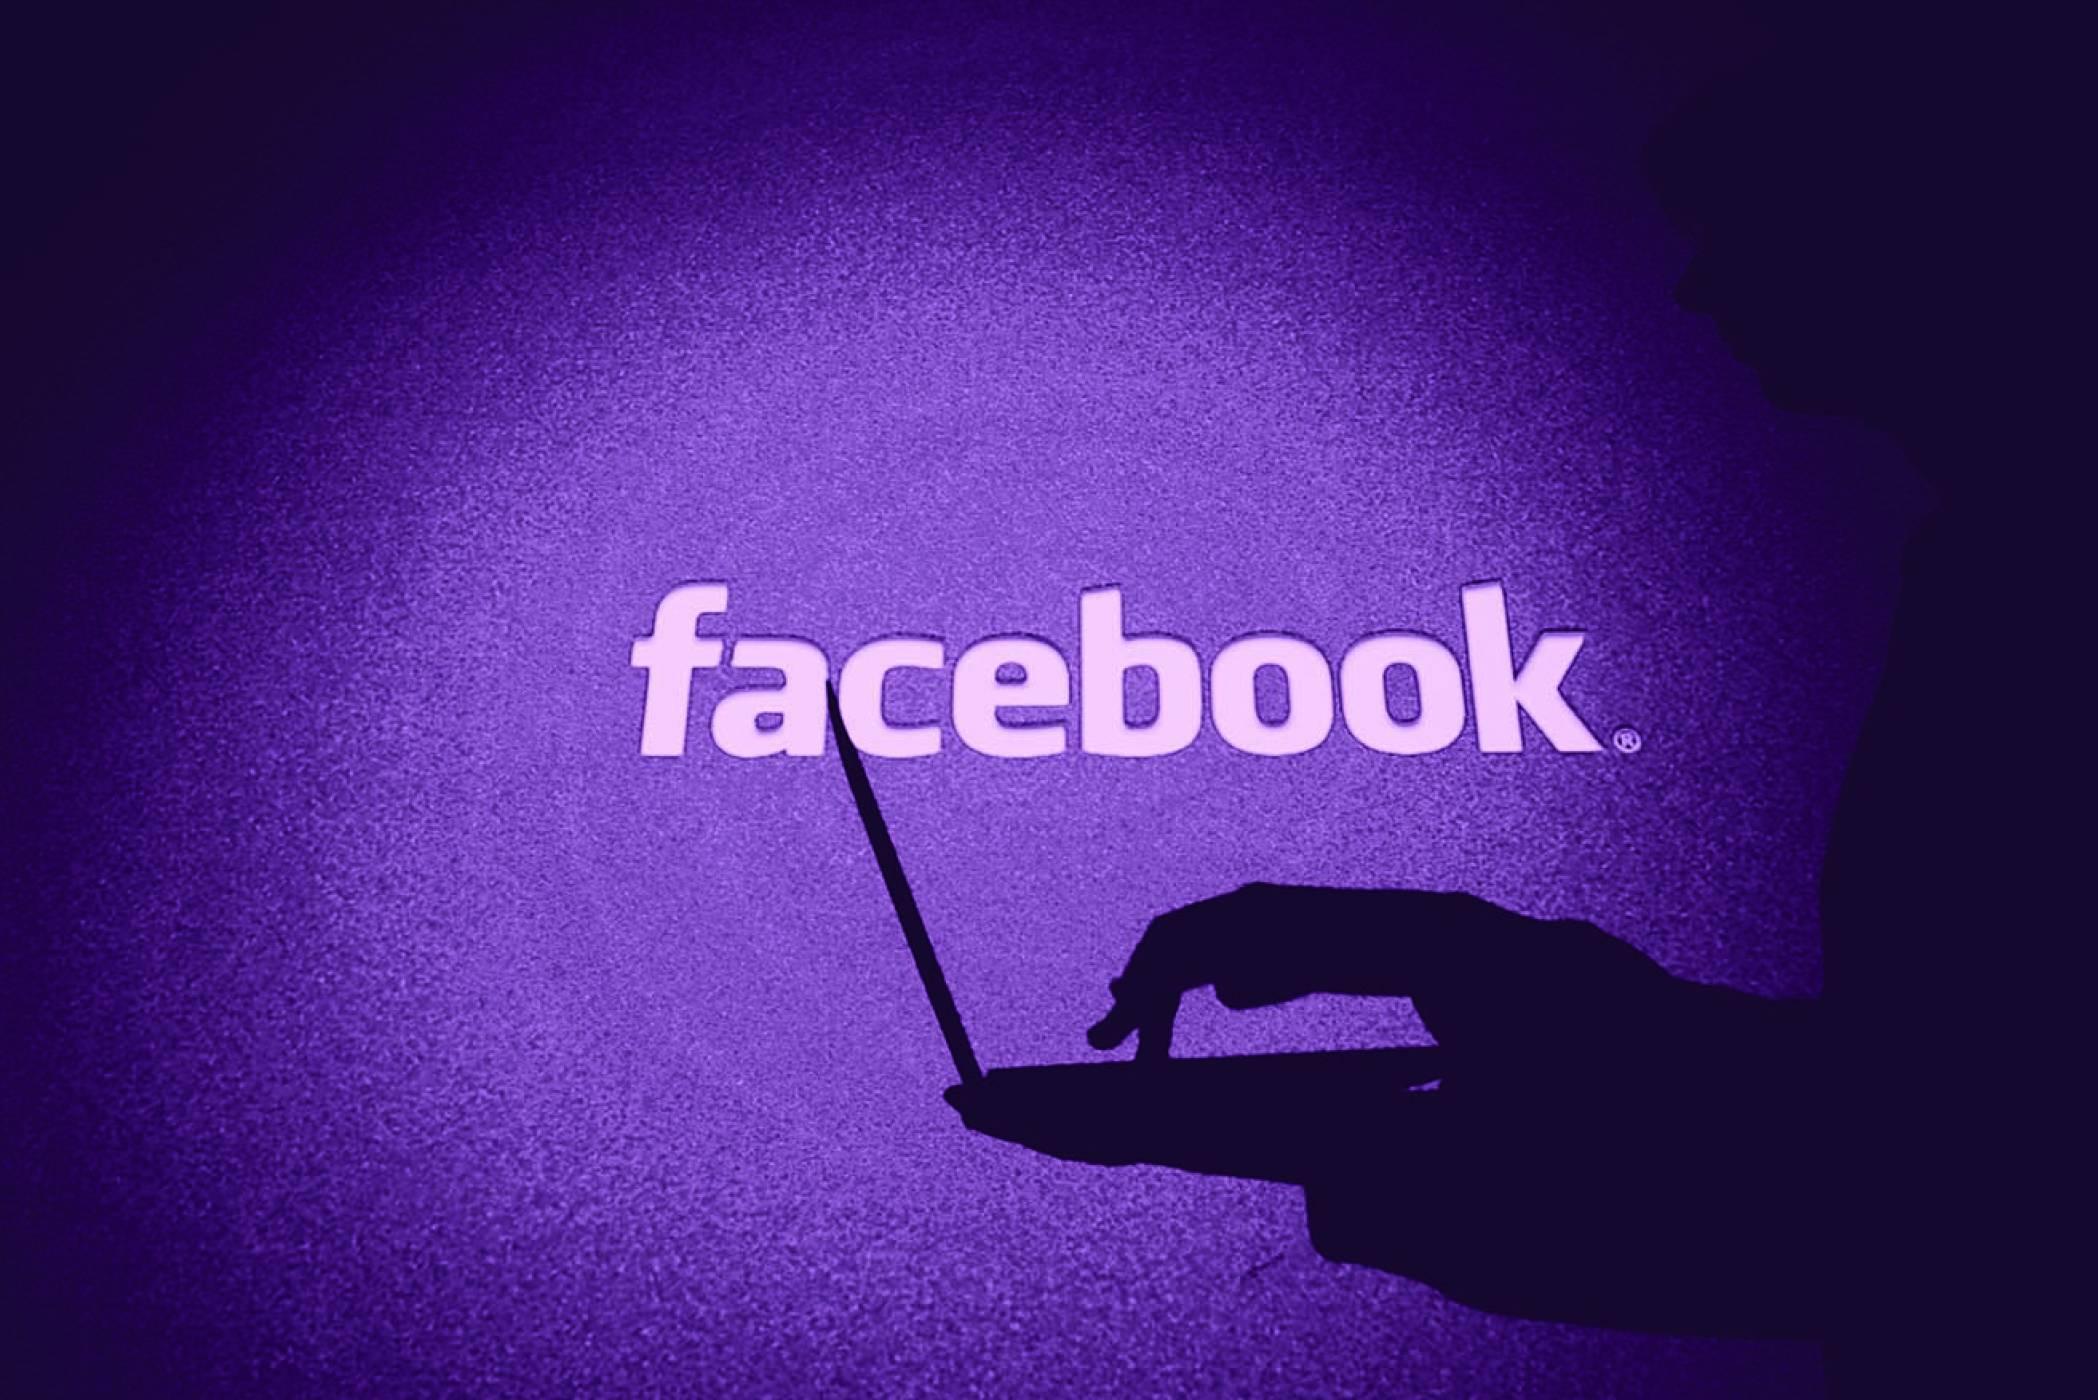 Гръм в Рая на социалните мрежи: Какво следва след скандалите с Facebook и злоупотребата с данни на потребителите?